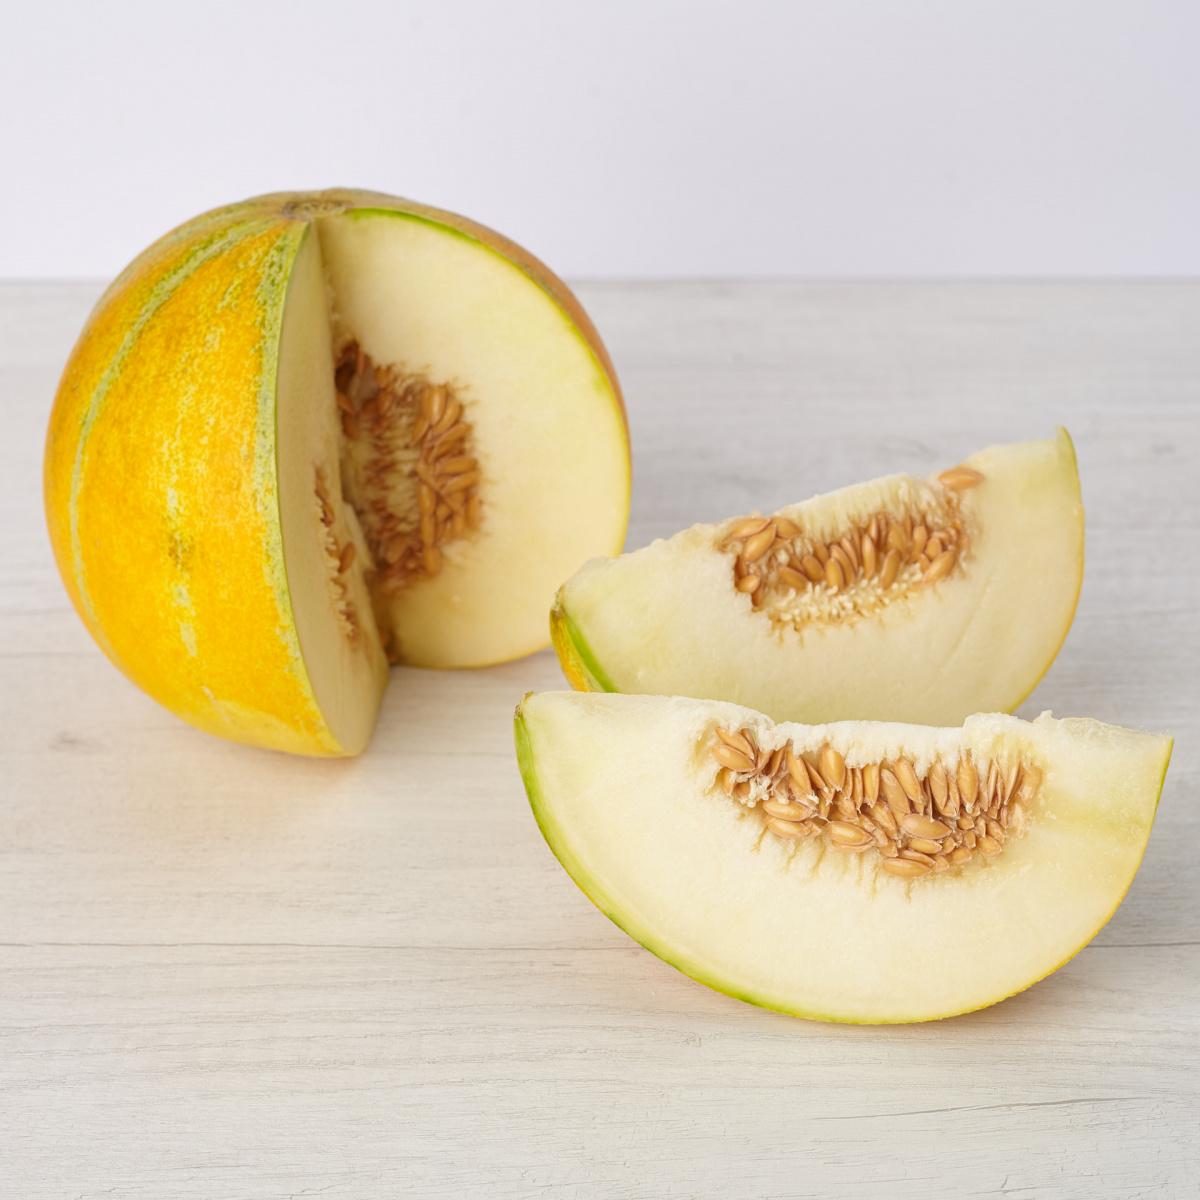 Диња руски ананас